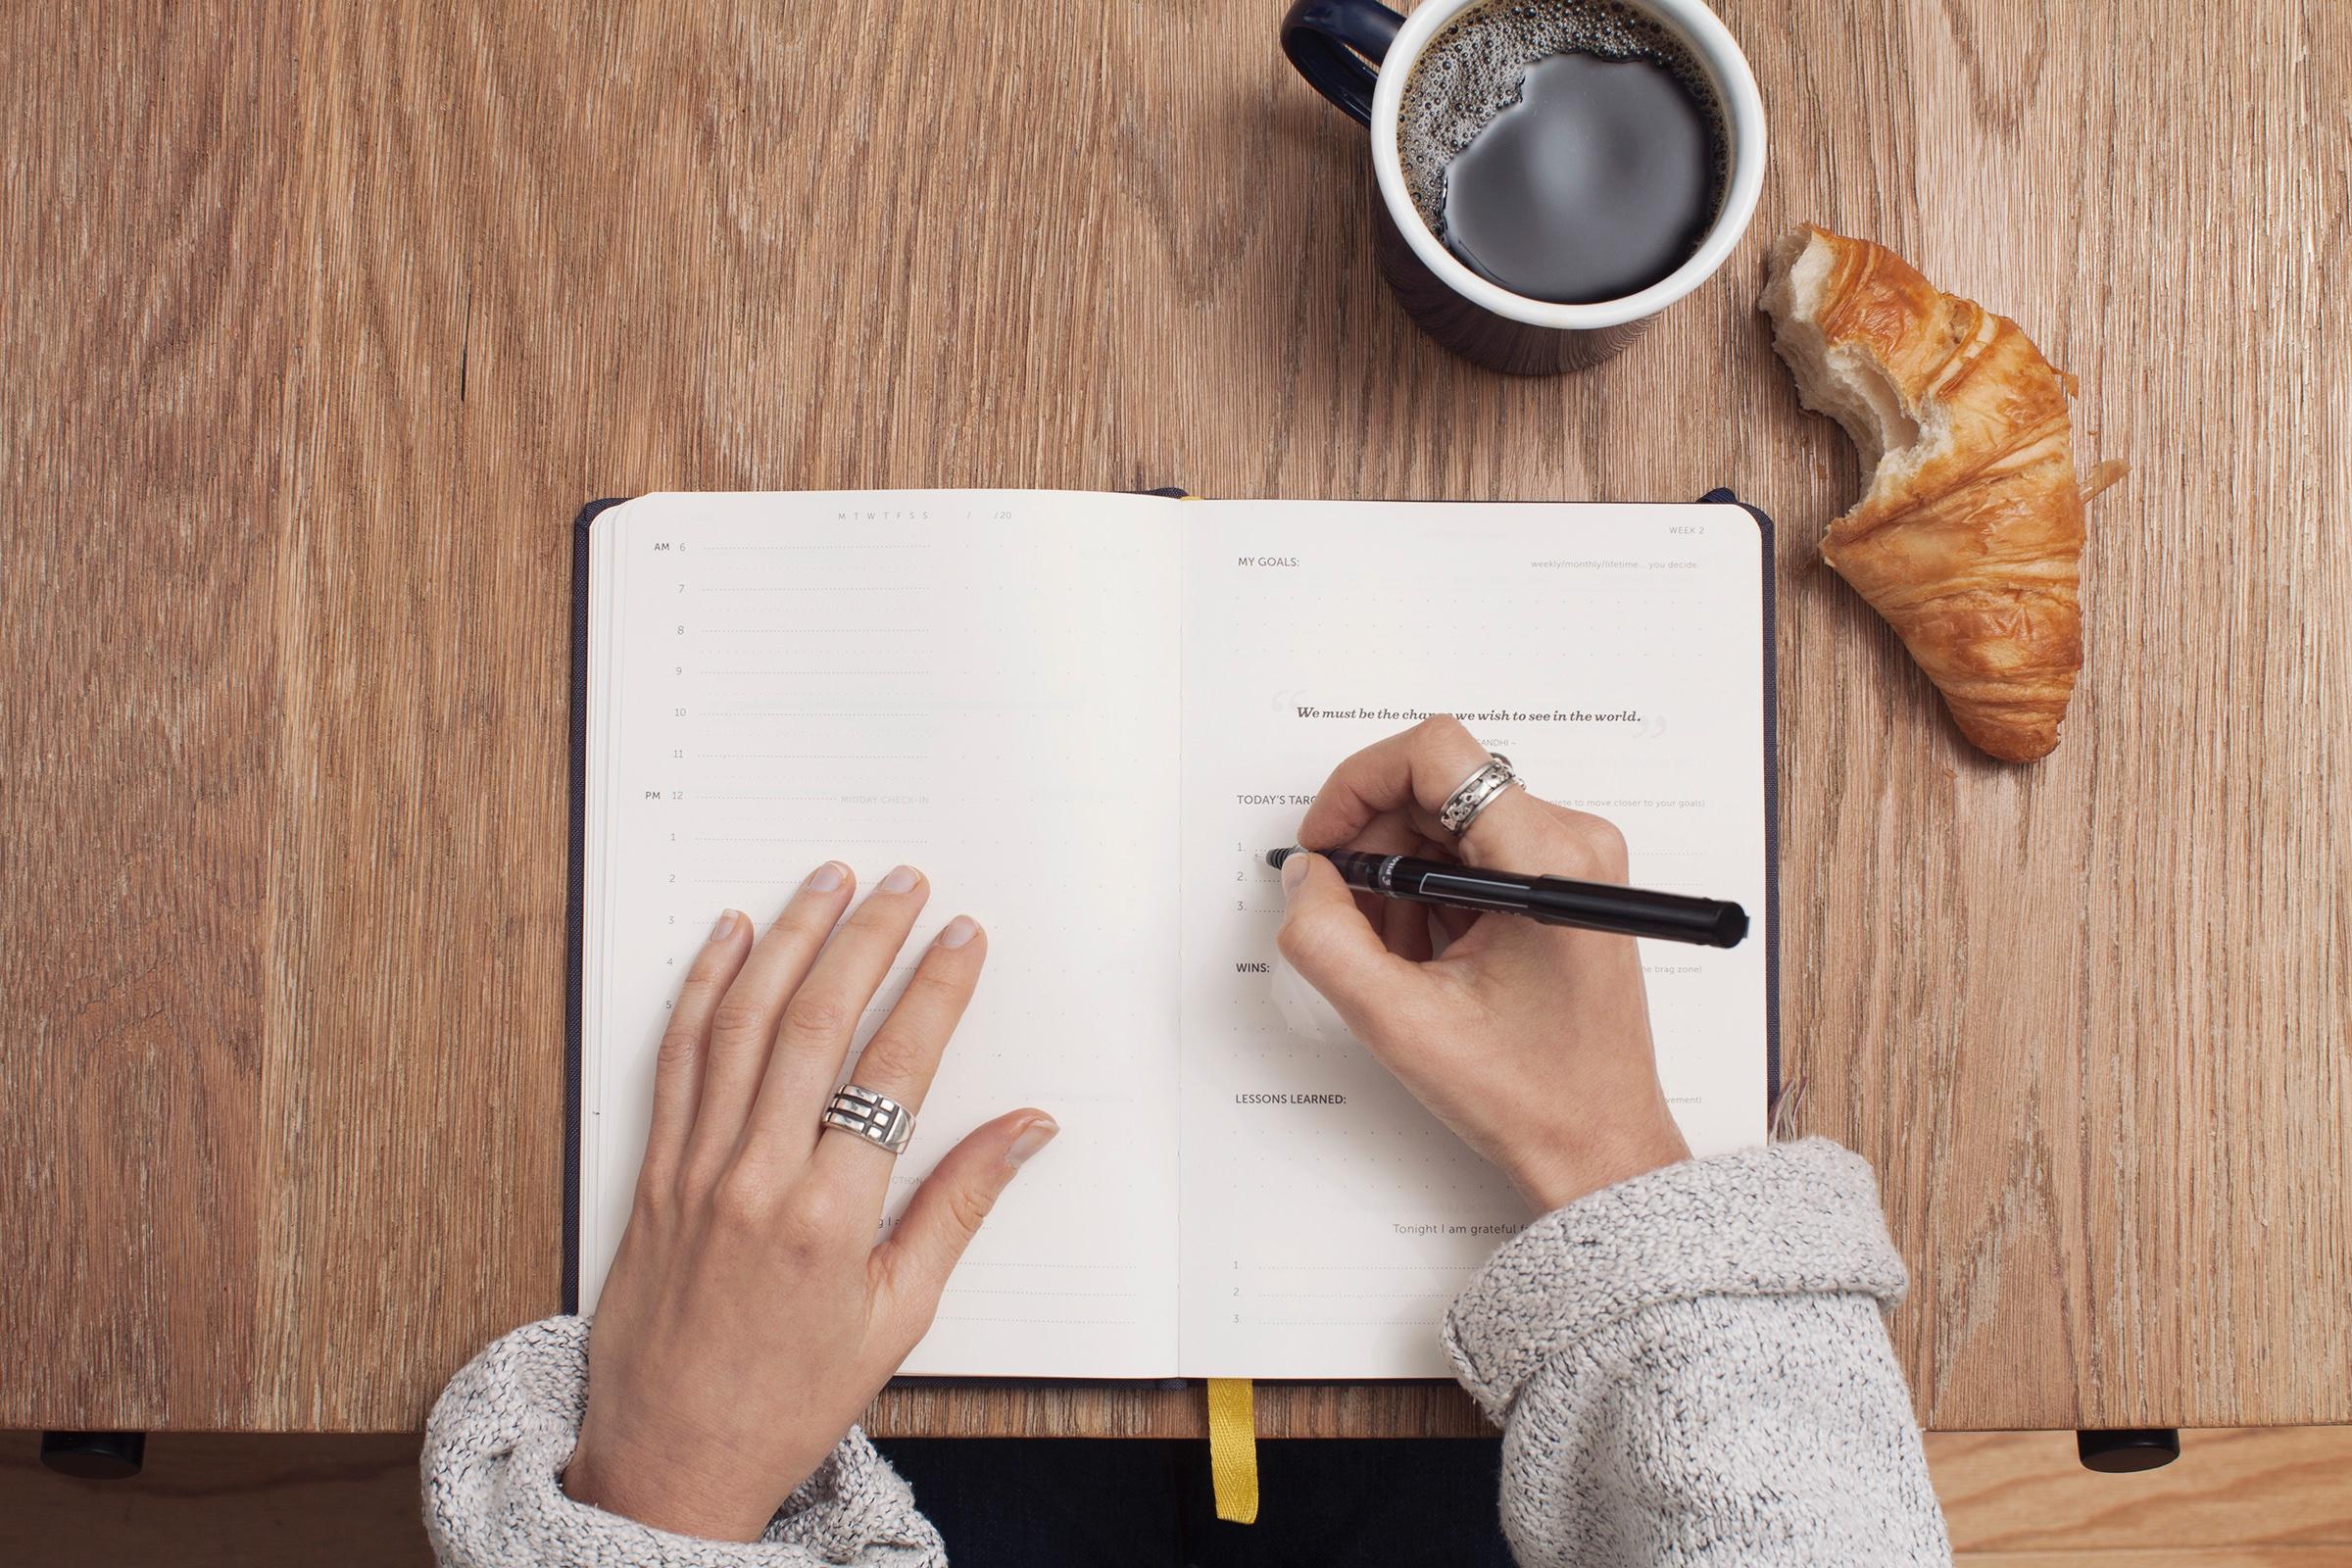 クロワッサンとコーヒーを傍にメモをする女性の手元